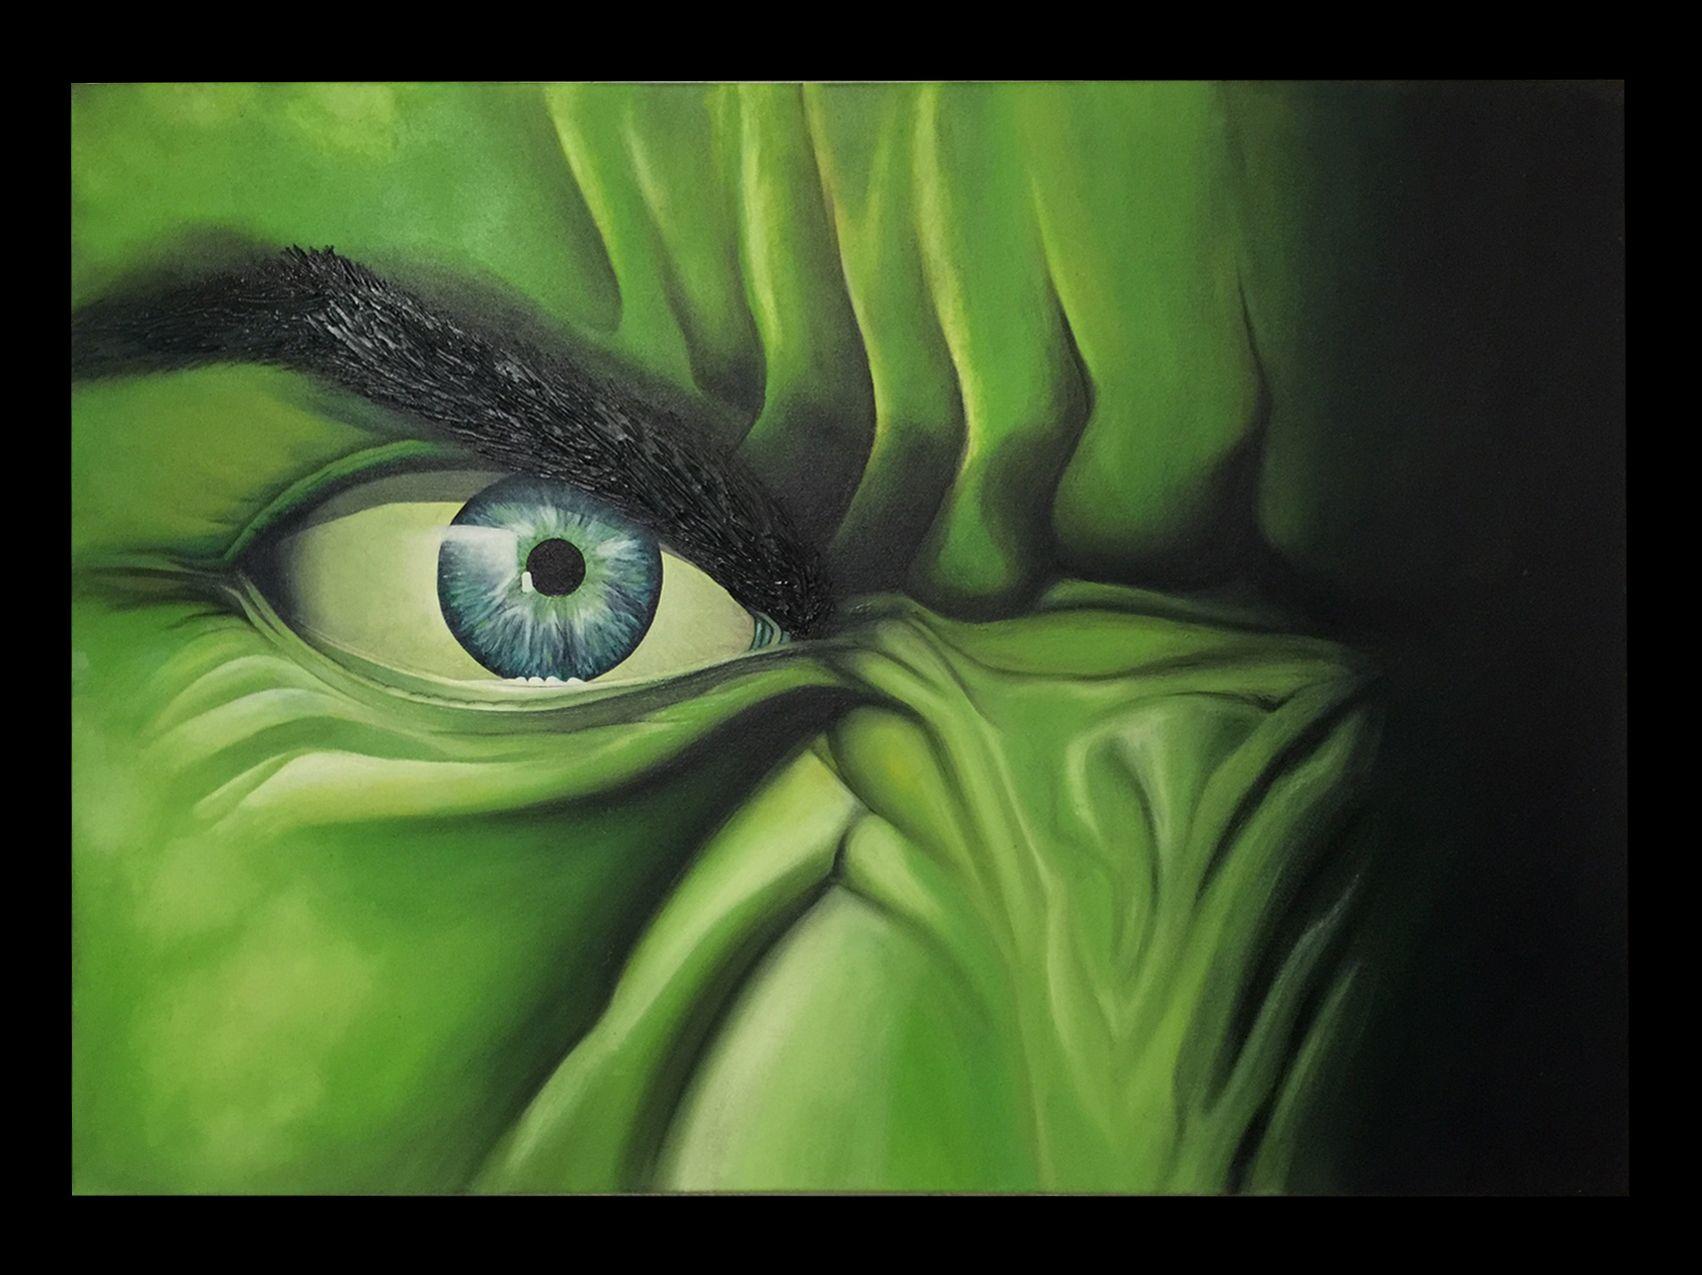 """Tableau du célèbre personnage de dessin animé - """"Hulk"""" - créé par Roselyne Sadassivame"""